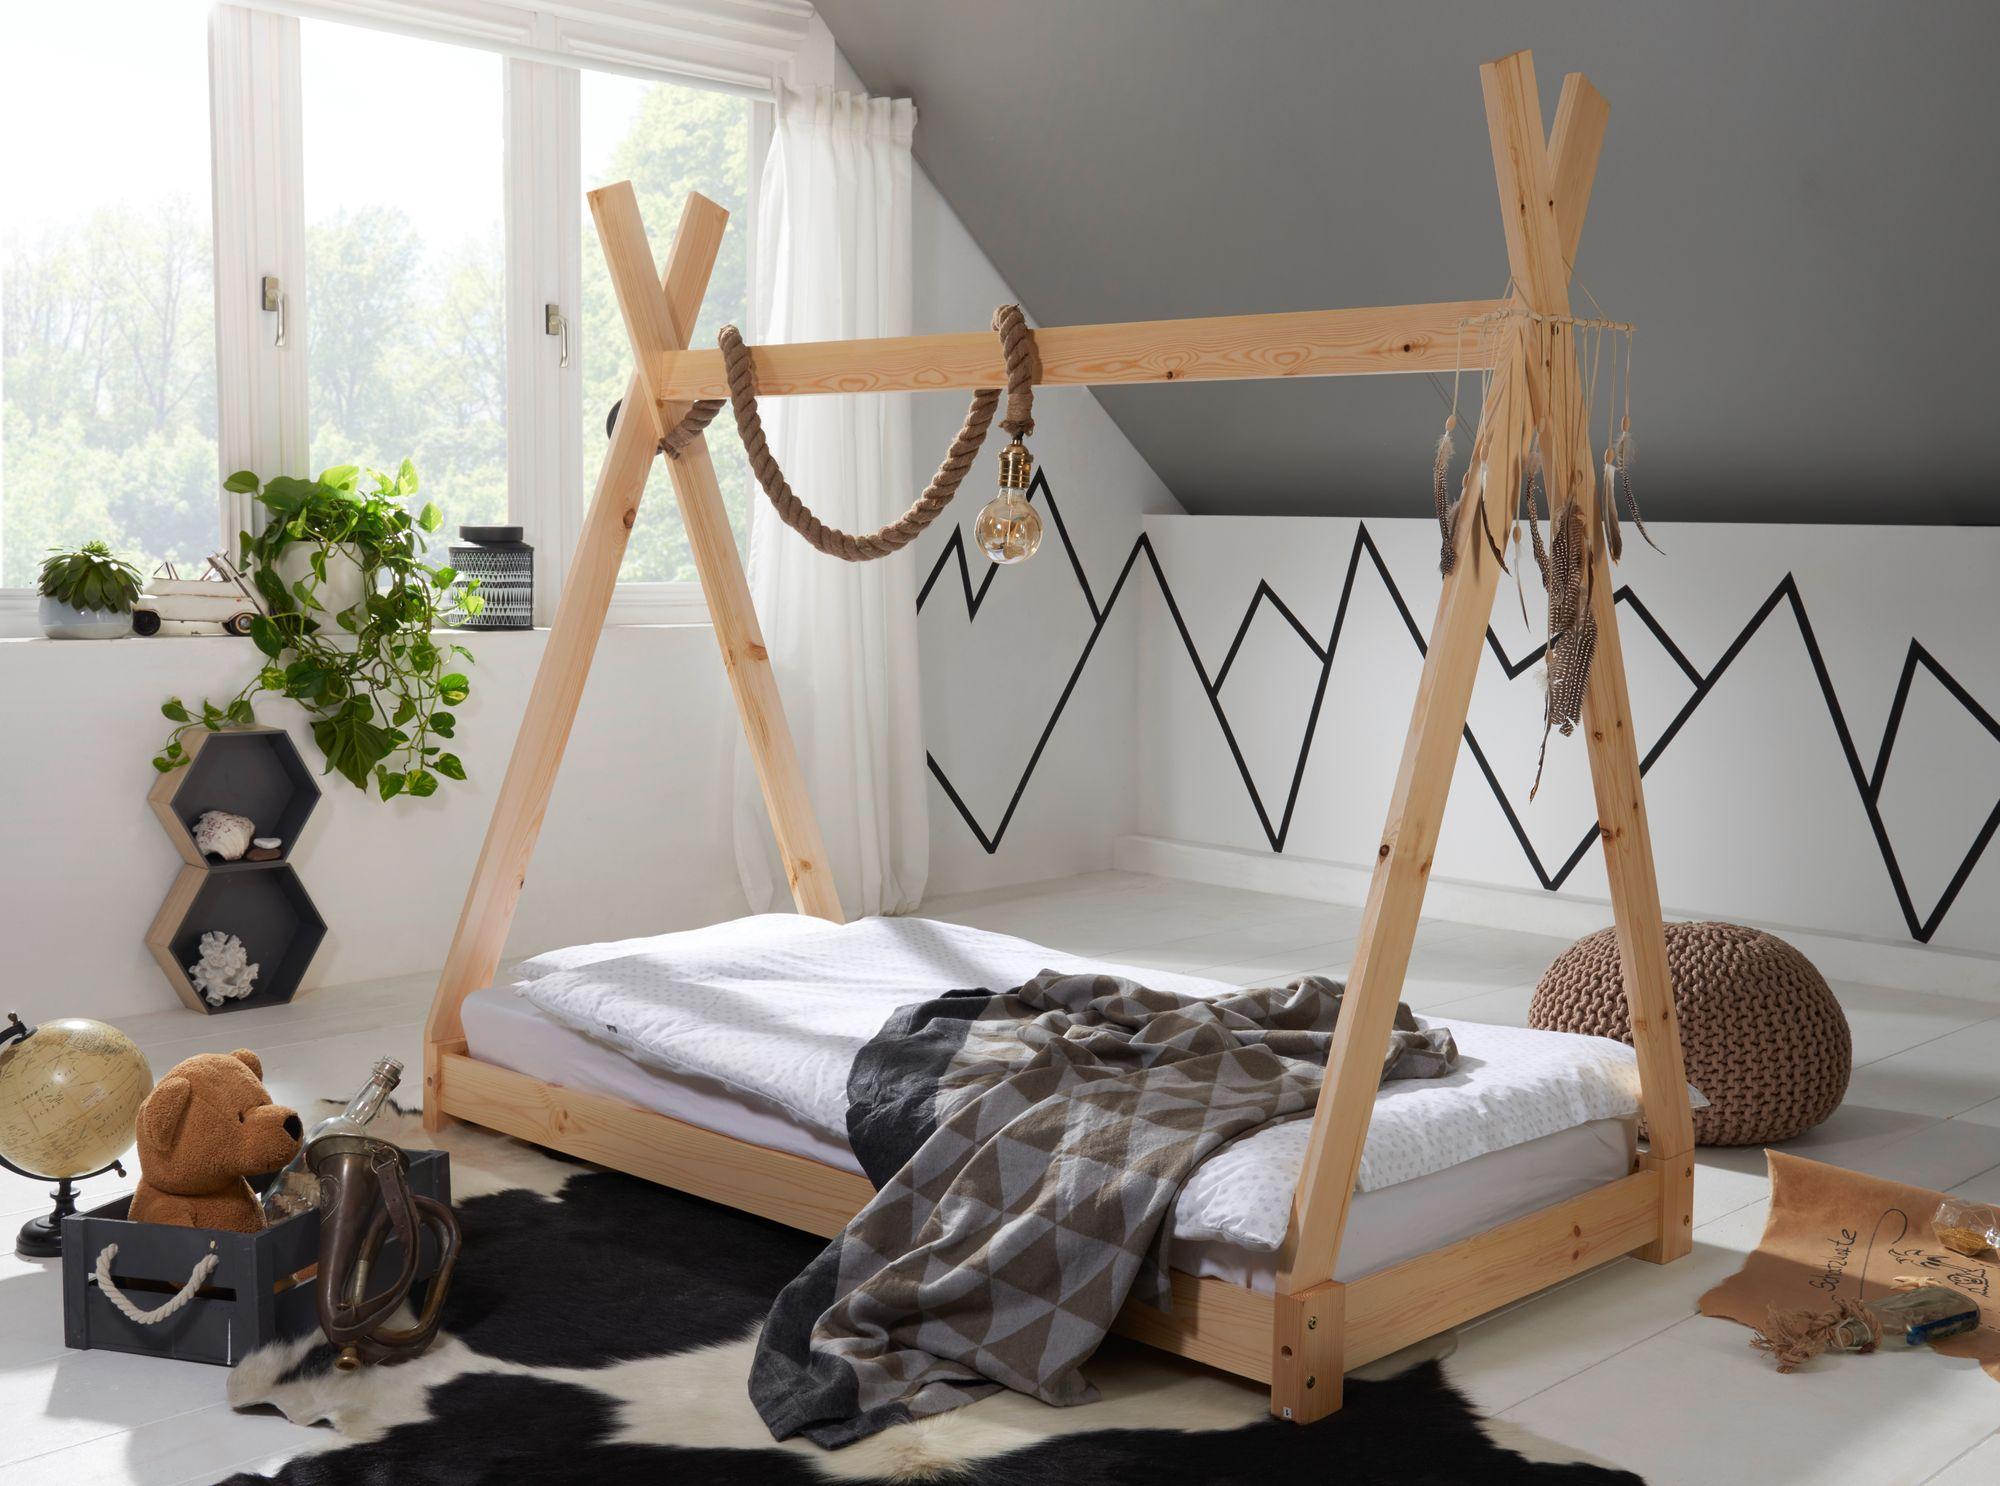 FineBuy Kinderbett 140x70 cm Kiefer Tipi Bett für Kinder Spiel-Holzbett  Natur